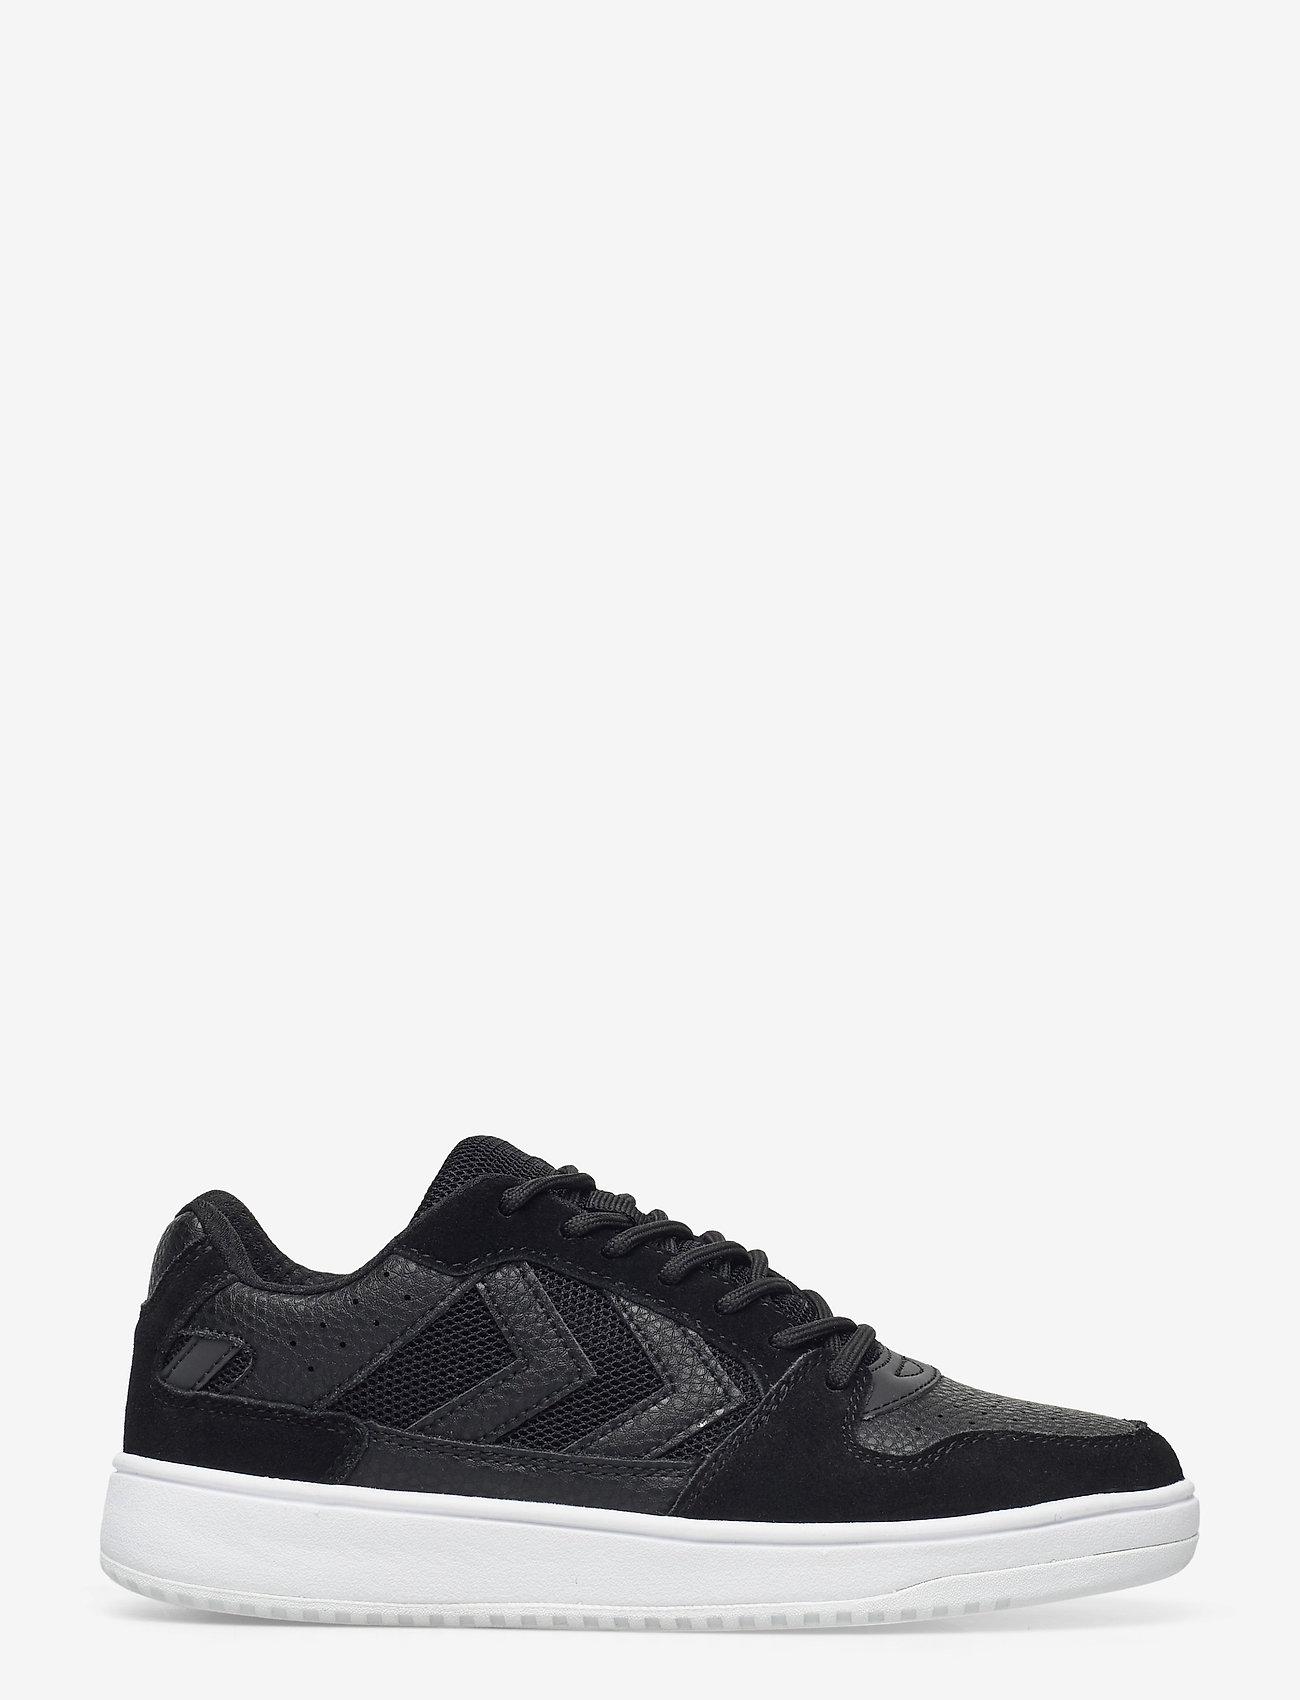 Hummel - ST POWER PLAY LOW - laag sneakers - black - 0